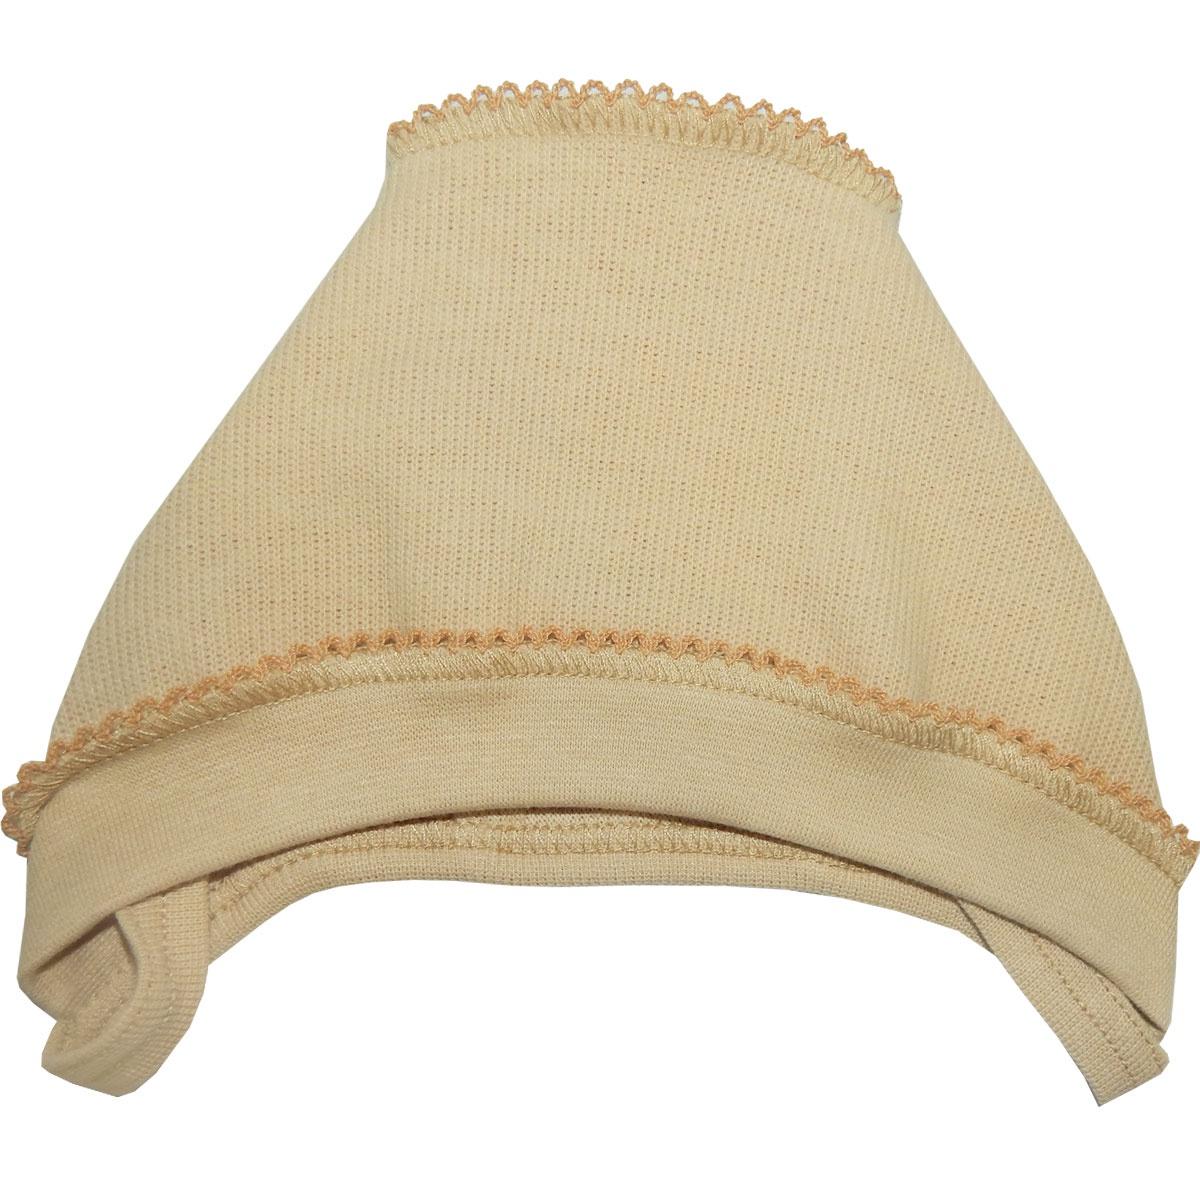 Чепчик ПАПИТТО одежда для новорожденных готовые выкройки